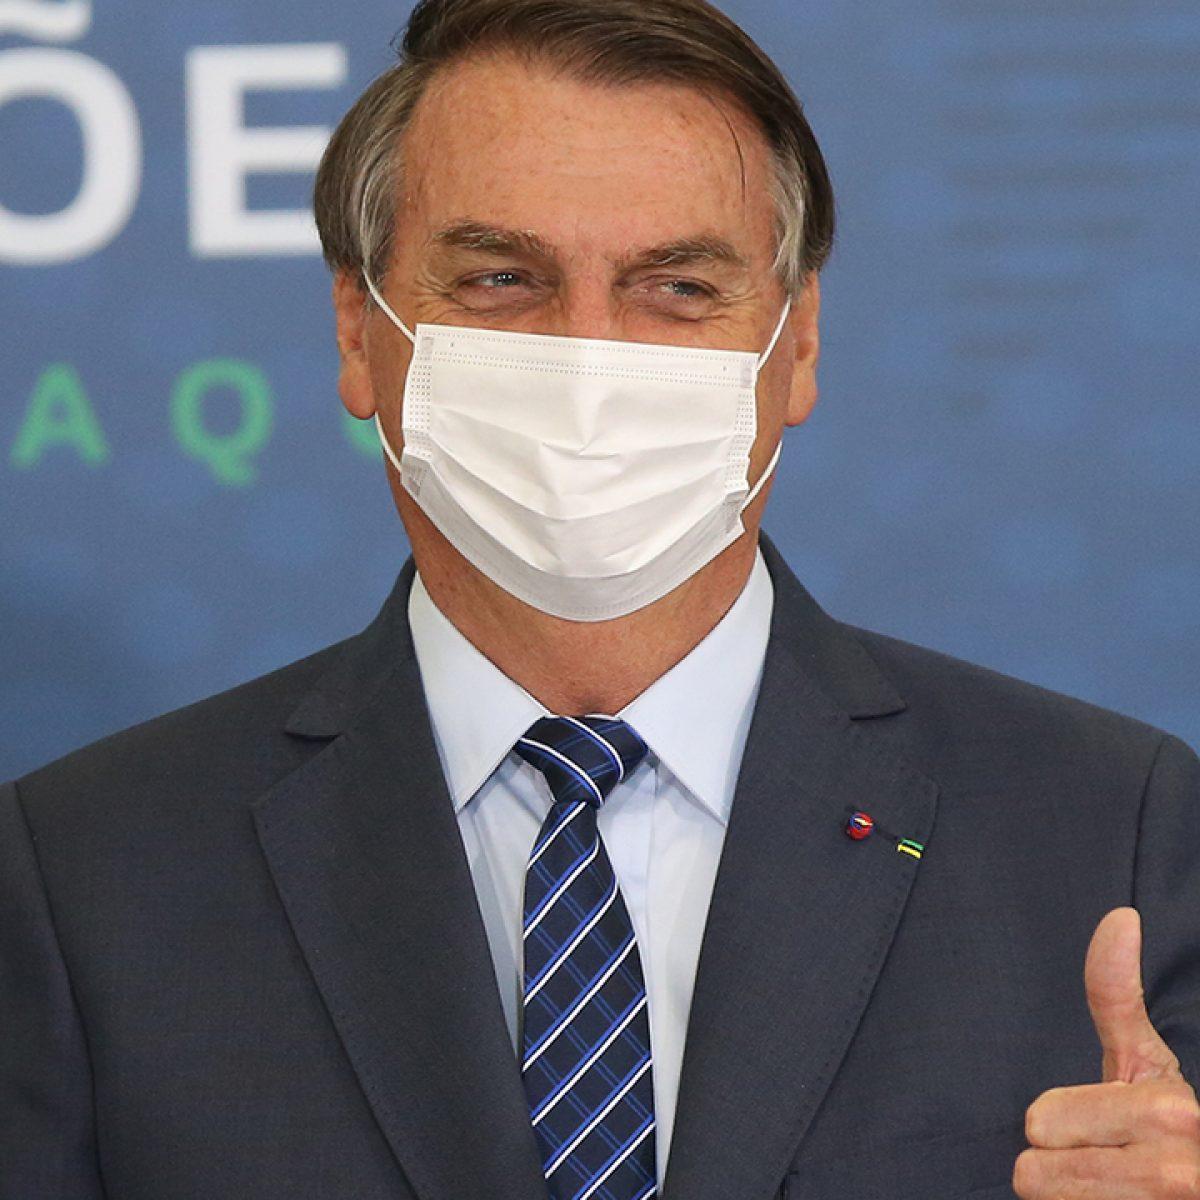 IMAGEM: Brasil começa a receber 'kits intubação' dos EUA